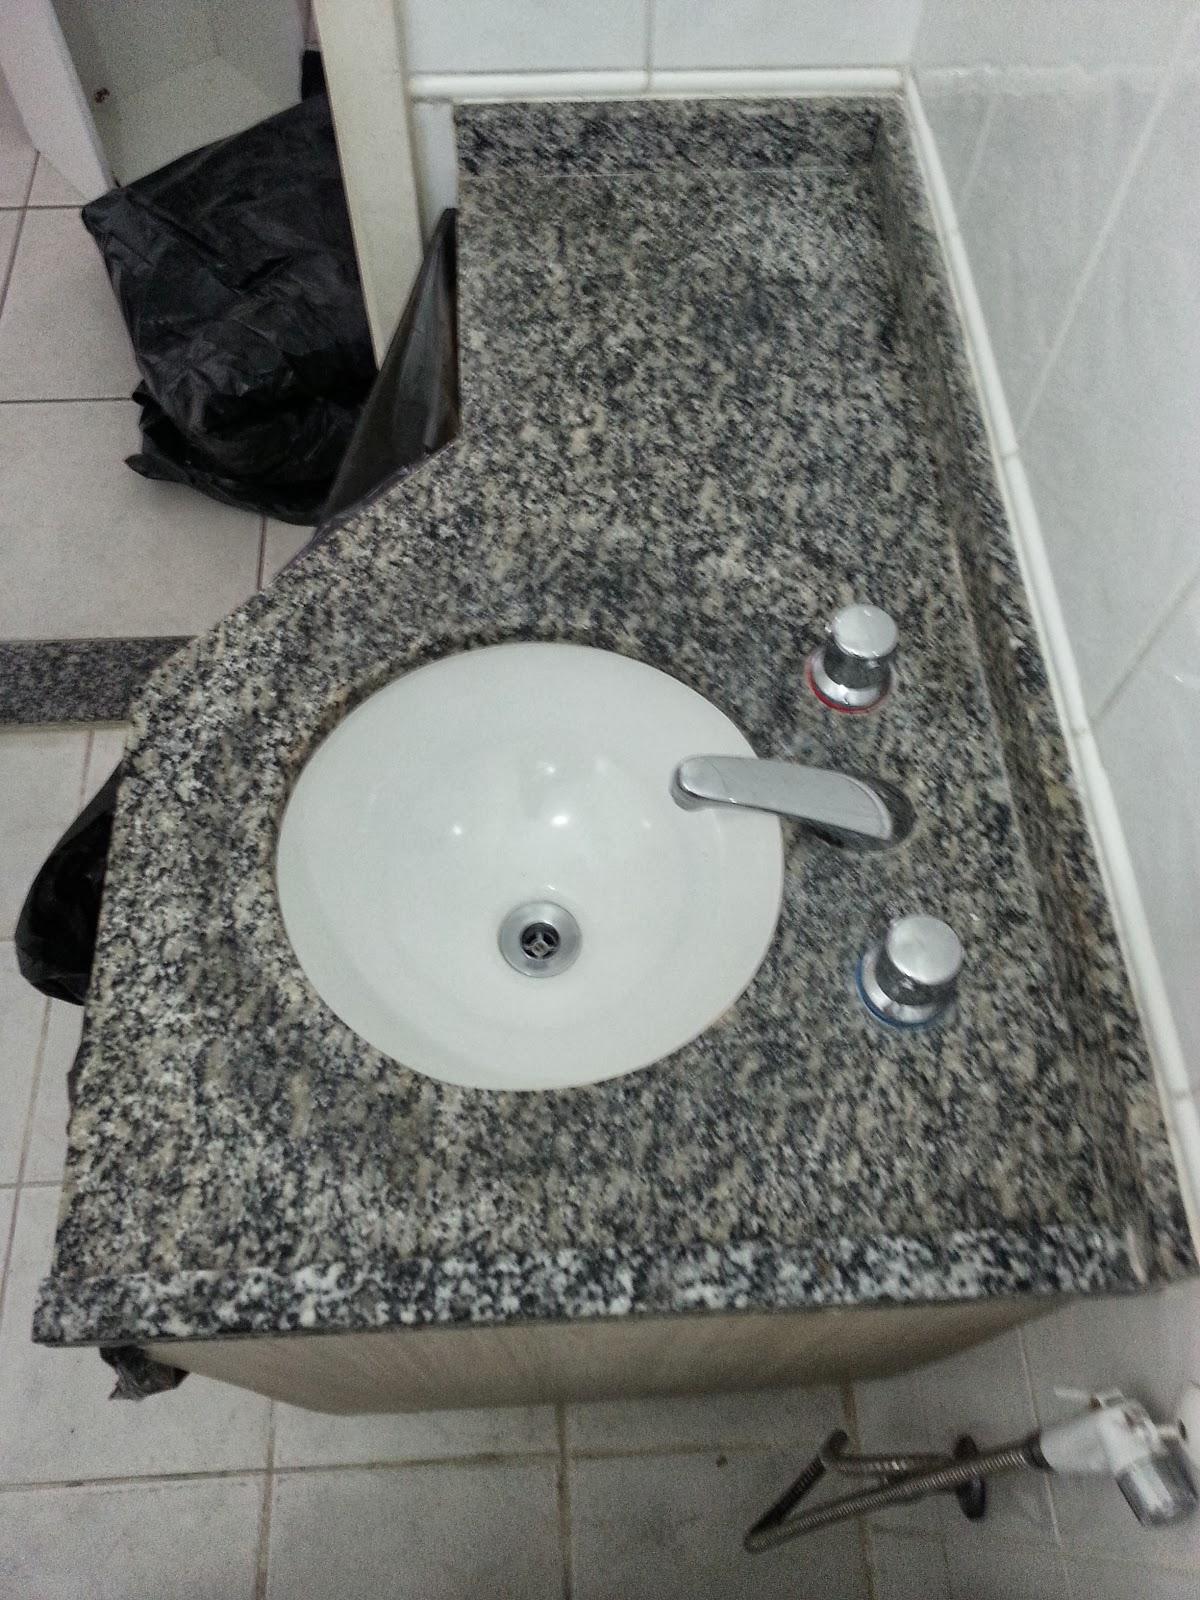 #57534A BANHEIRO BANCADA COZINHA GRANITO IMPERMEABILIZADO COM VERNIZ DE  1200x1600 px lavatorio para banheiro de granito